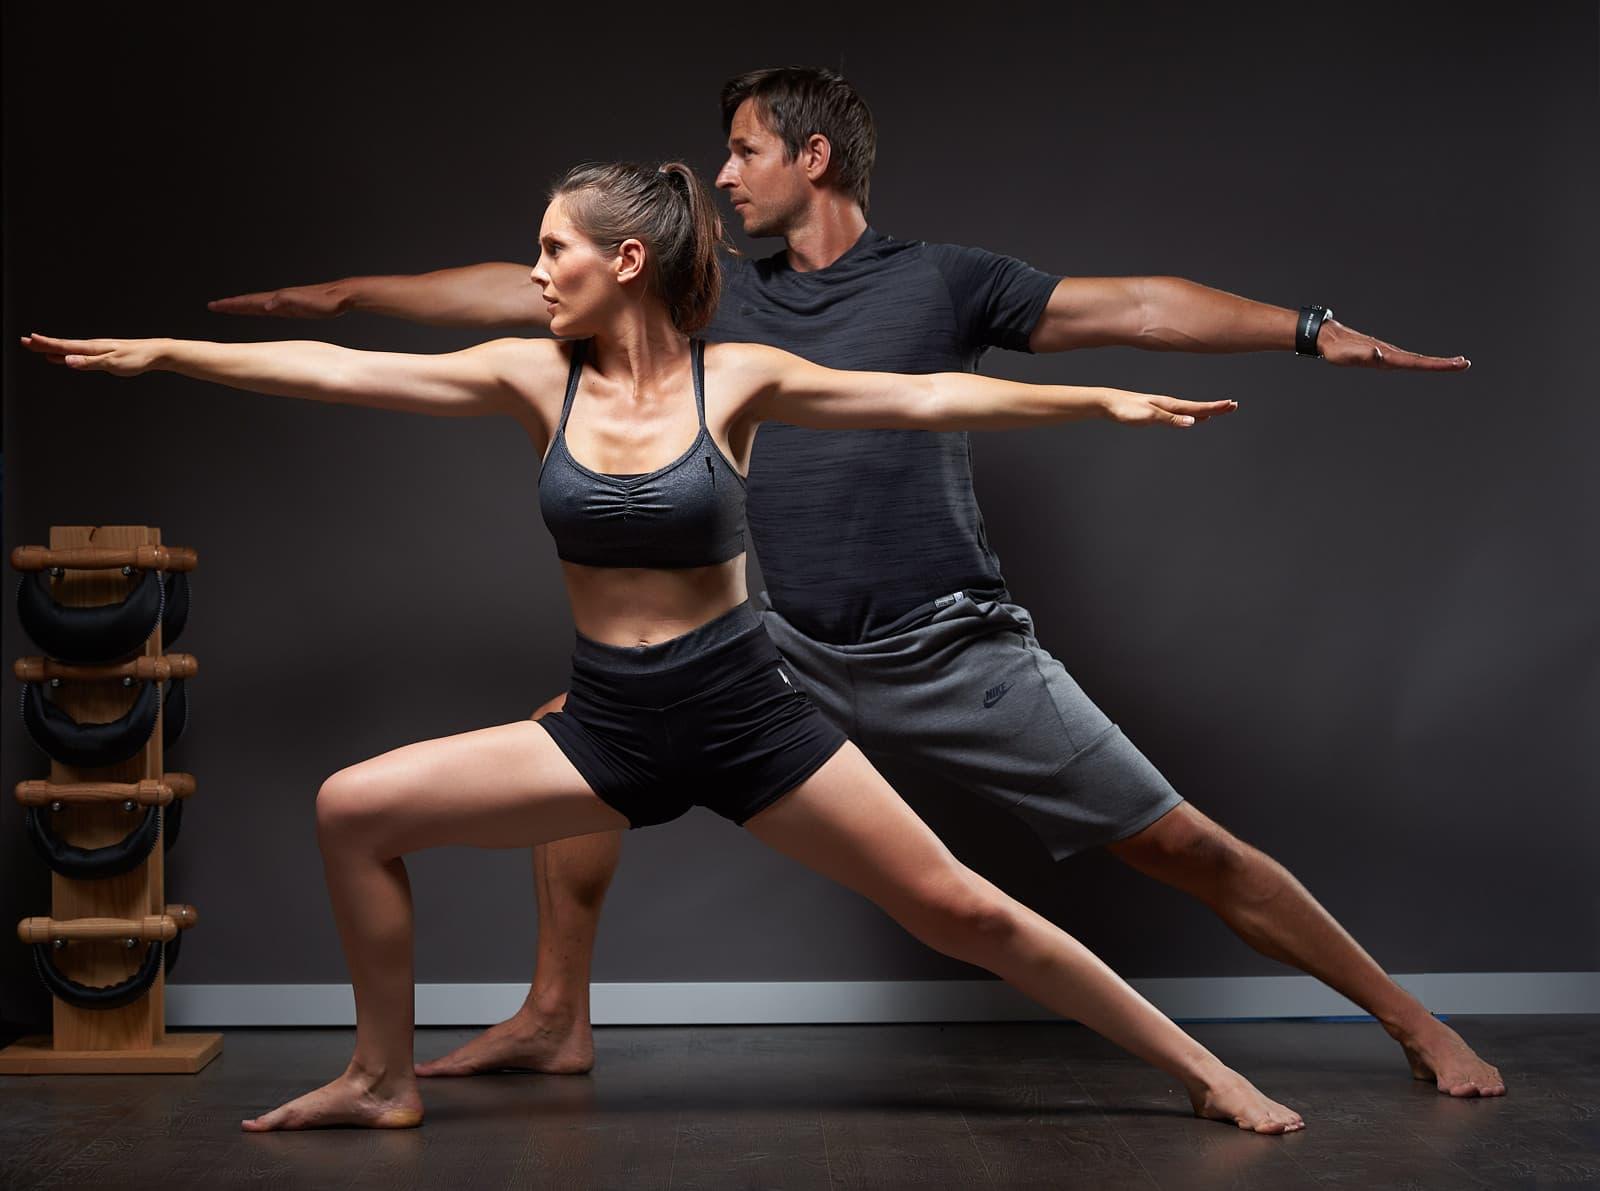 Yoga coach sportif